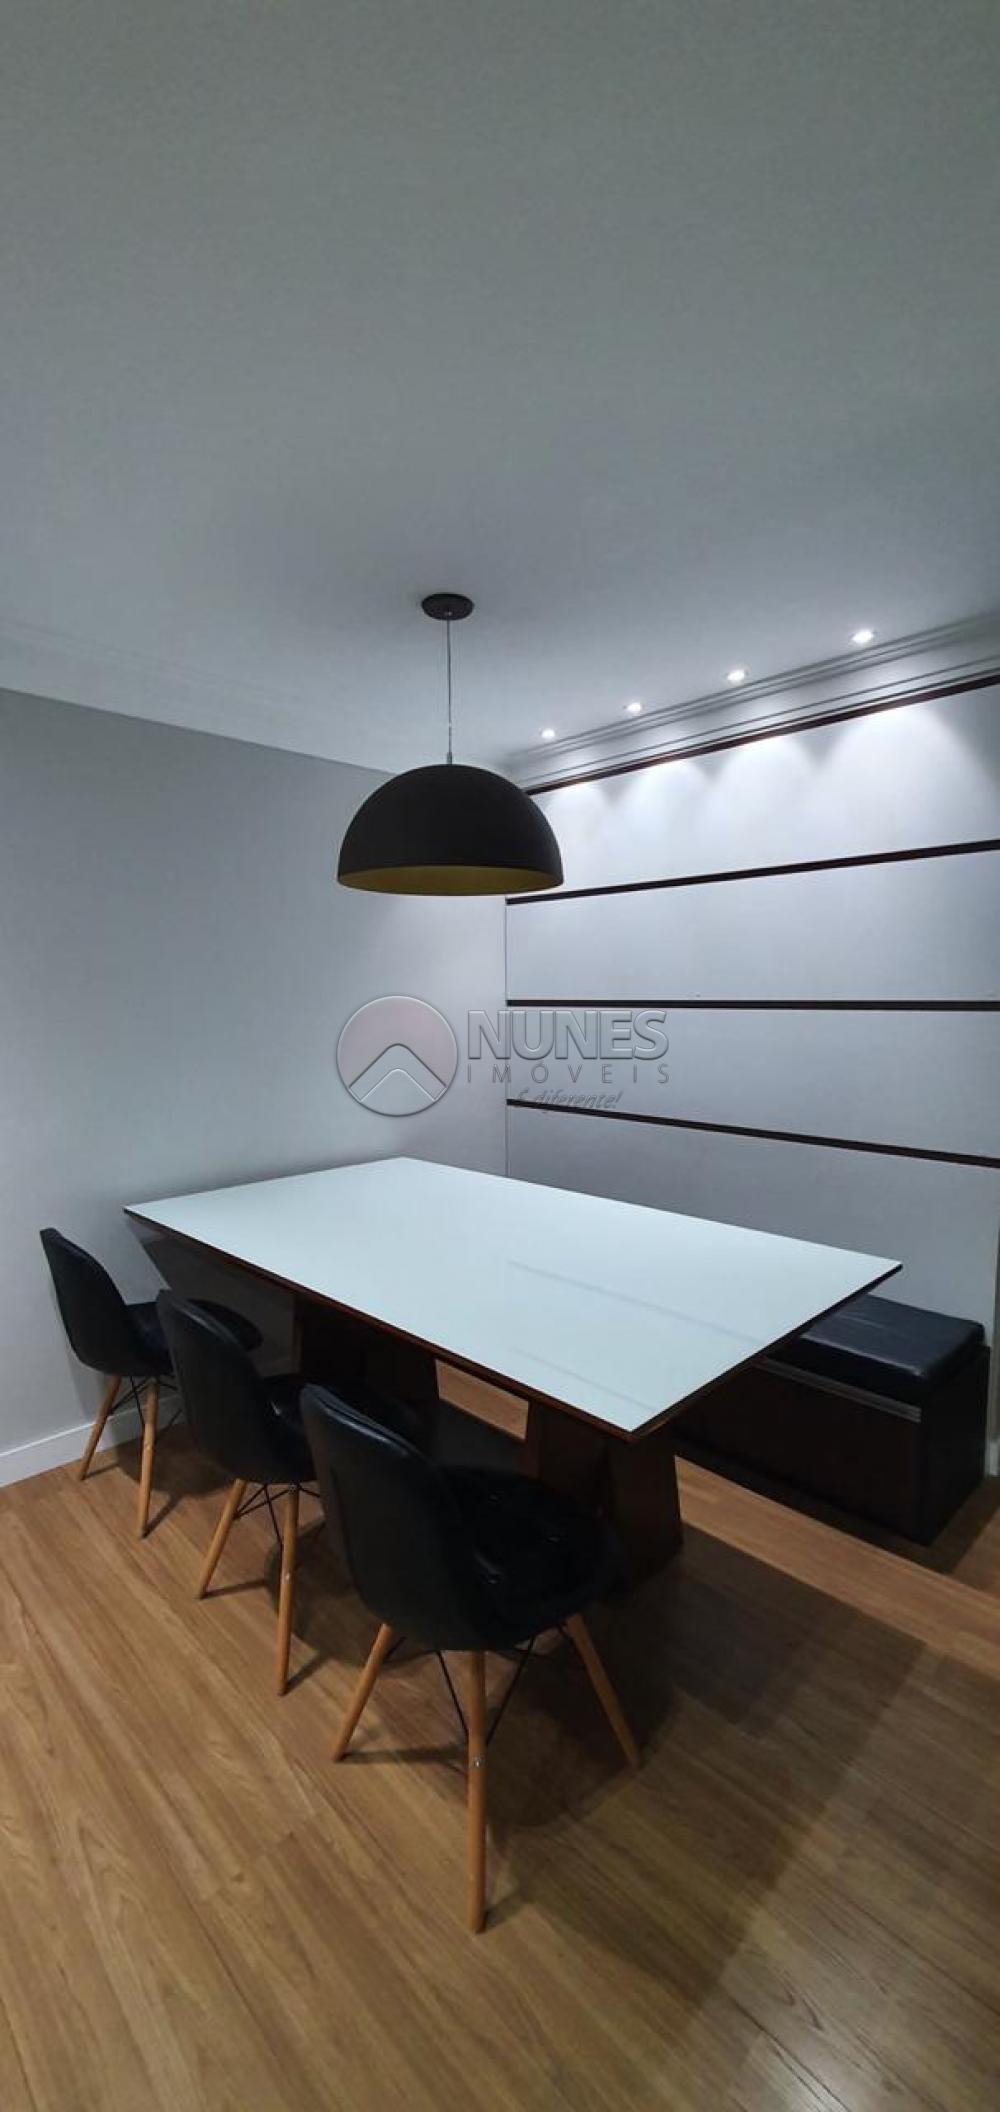 Comprar Apartamento / Padrão em São Paulo apenas R$ 405.000,00 - Foto 9